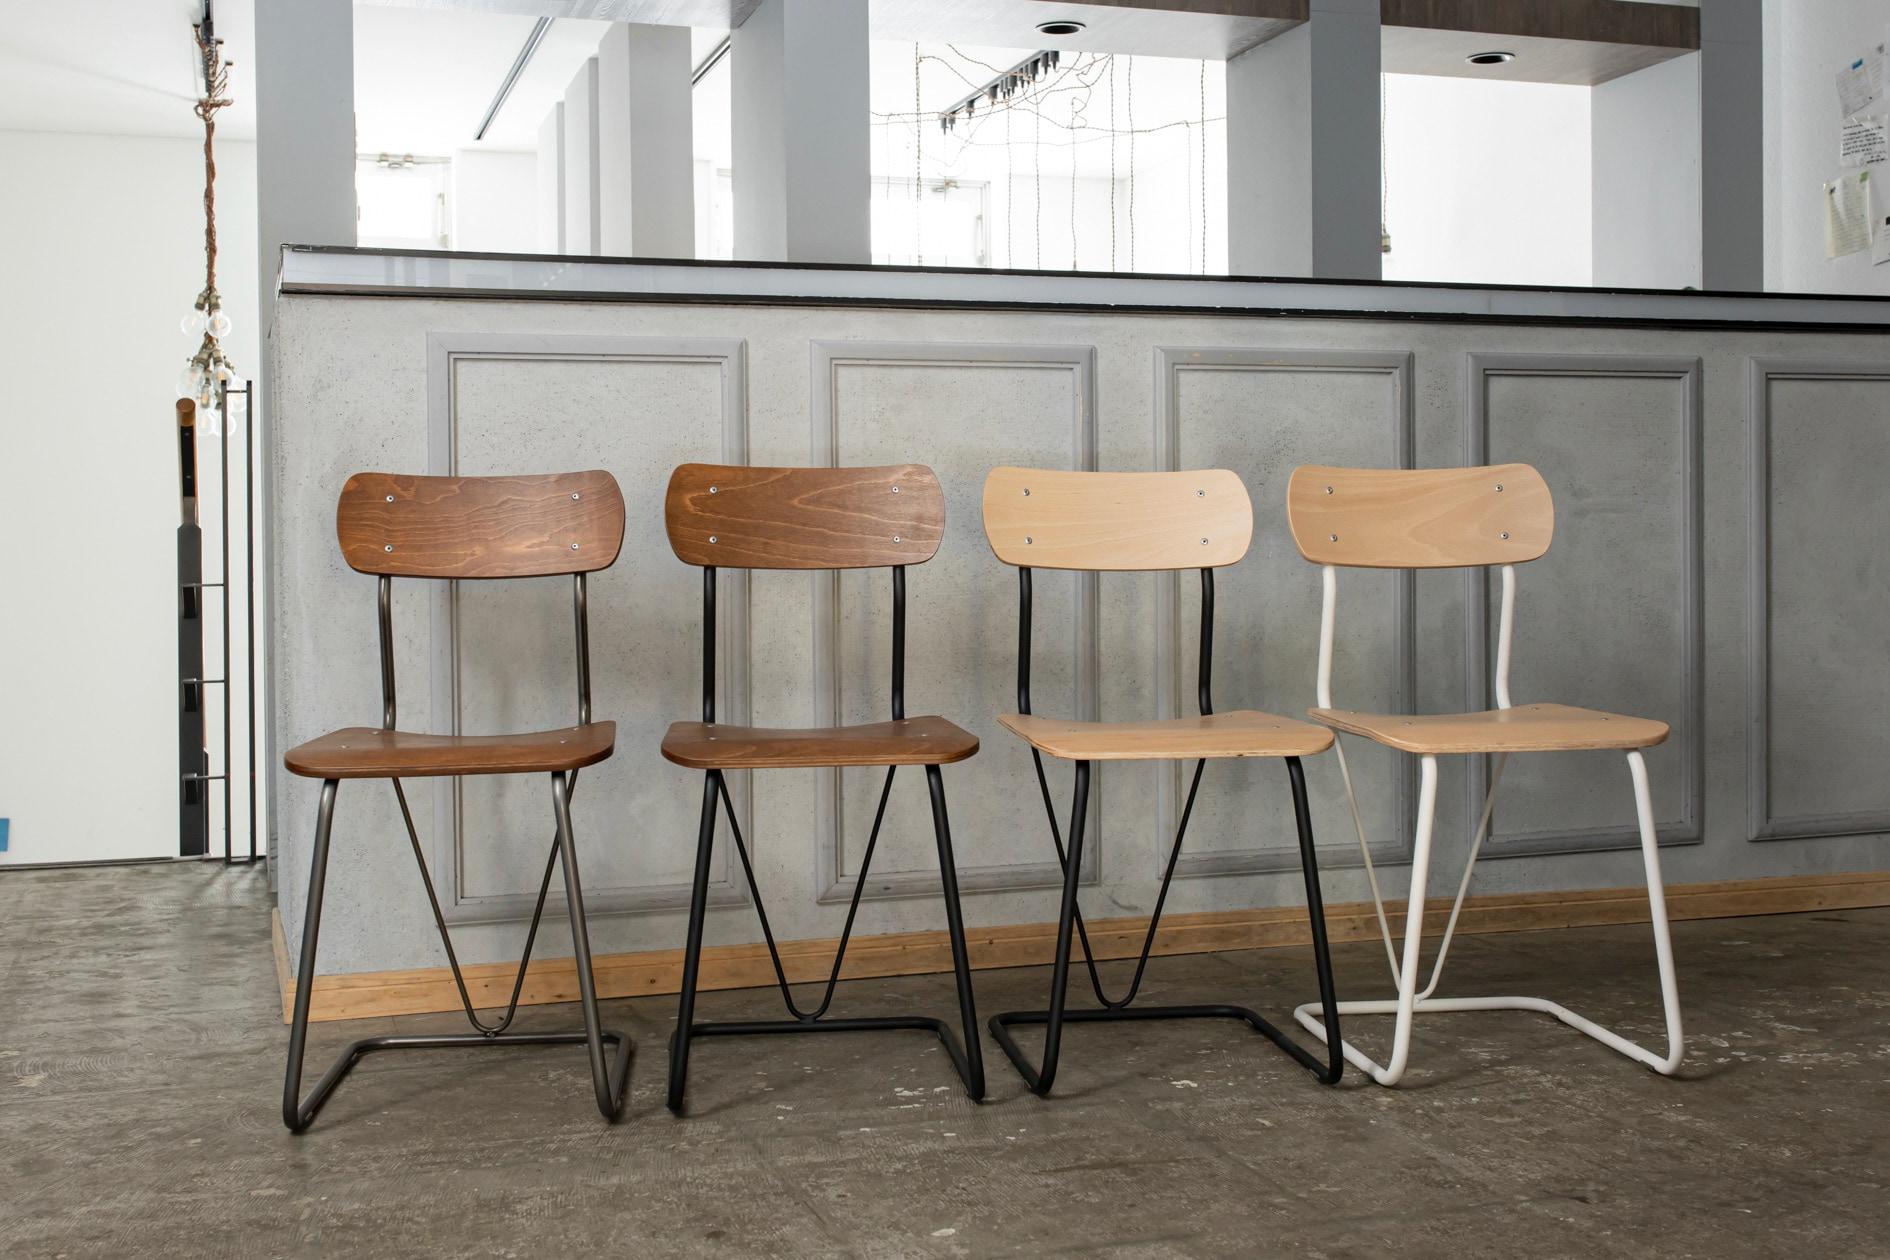 株式会社イチムラの学校用椅子A-100(復刻版)4脚,バーカウンターの前に並べられたレトロな椅子,札幌スタイル認証製品